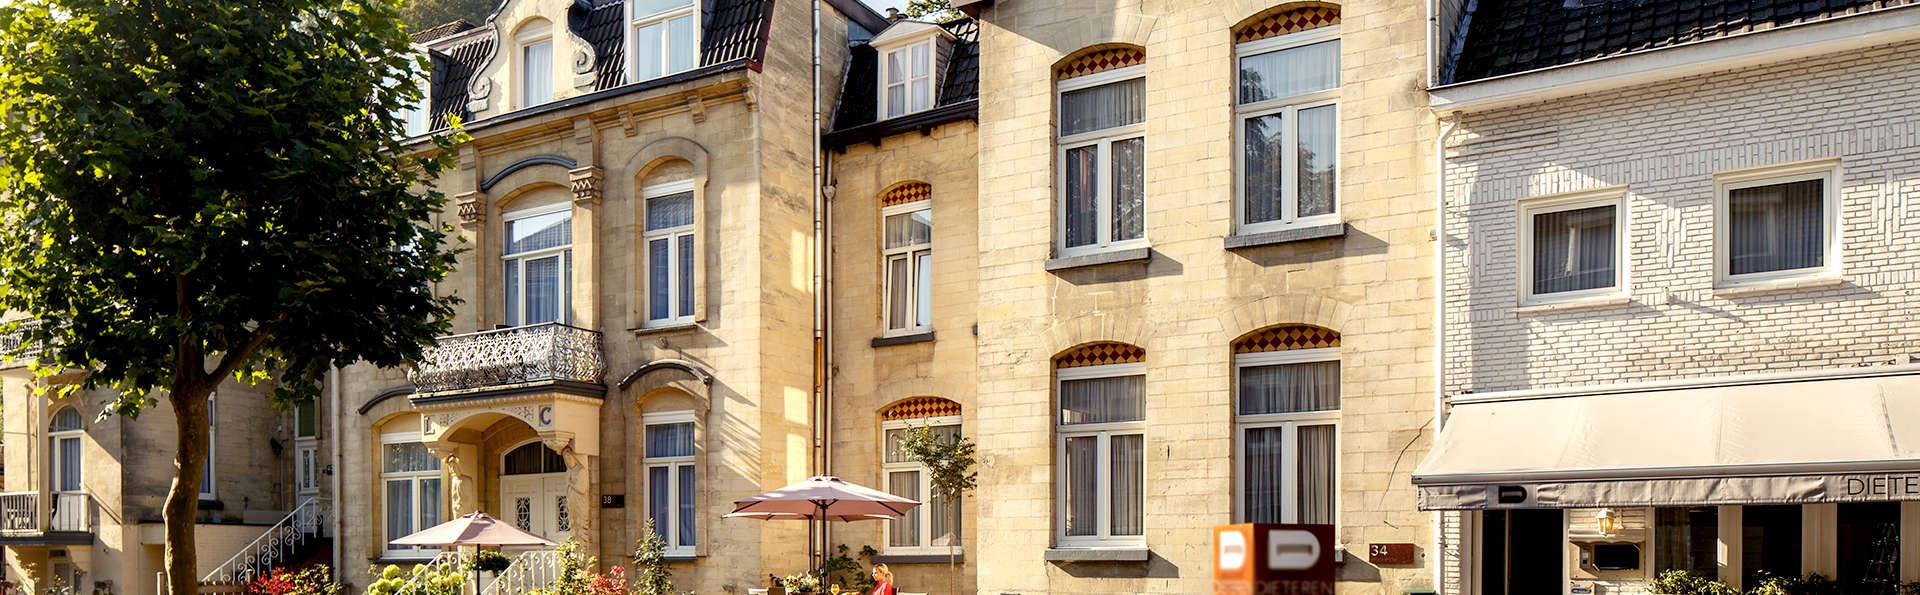 Charme et bien-être dans l'agréable ville de Fauquemont